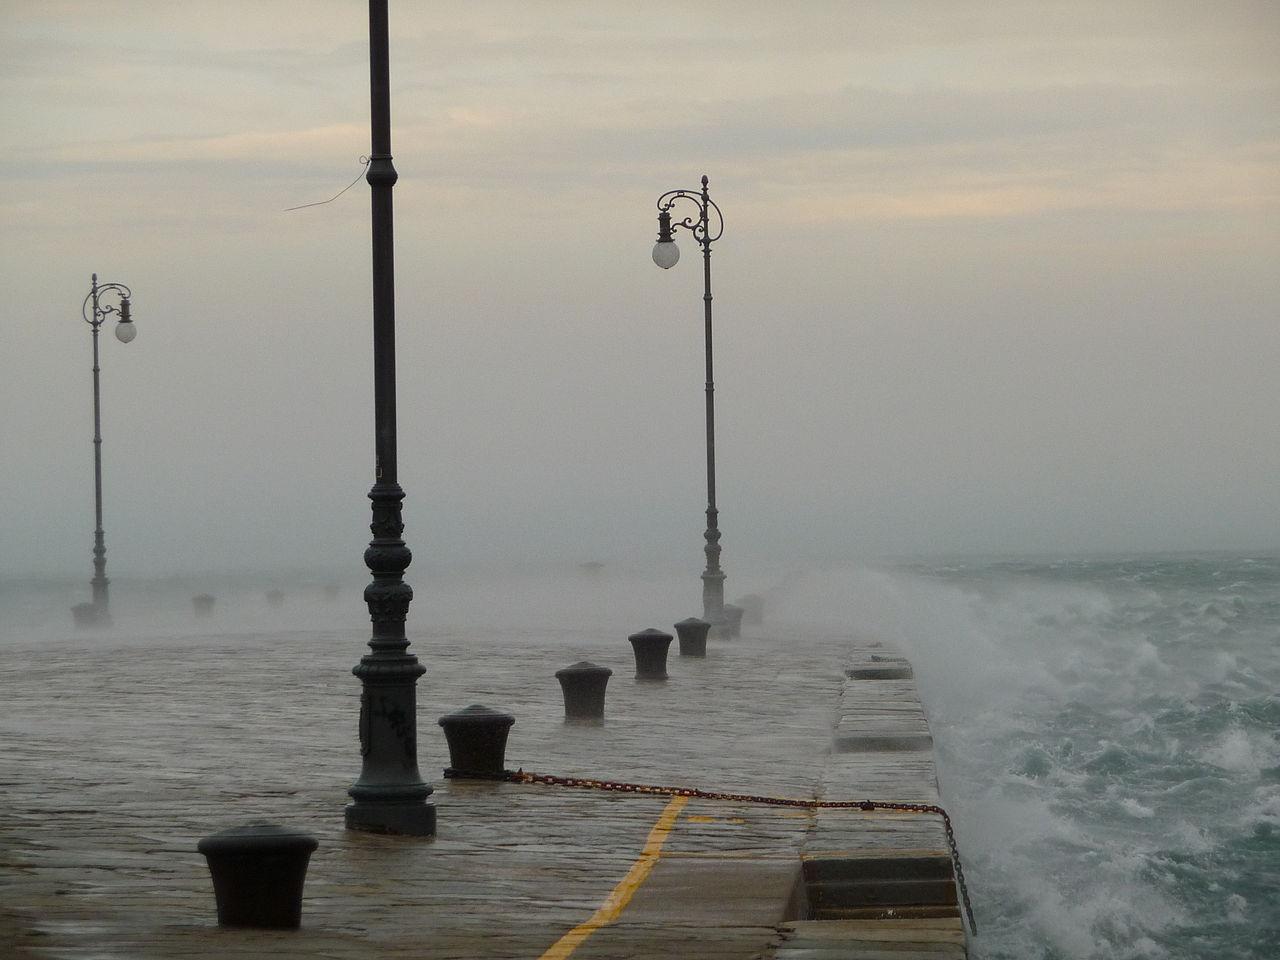 Bora in Trieste